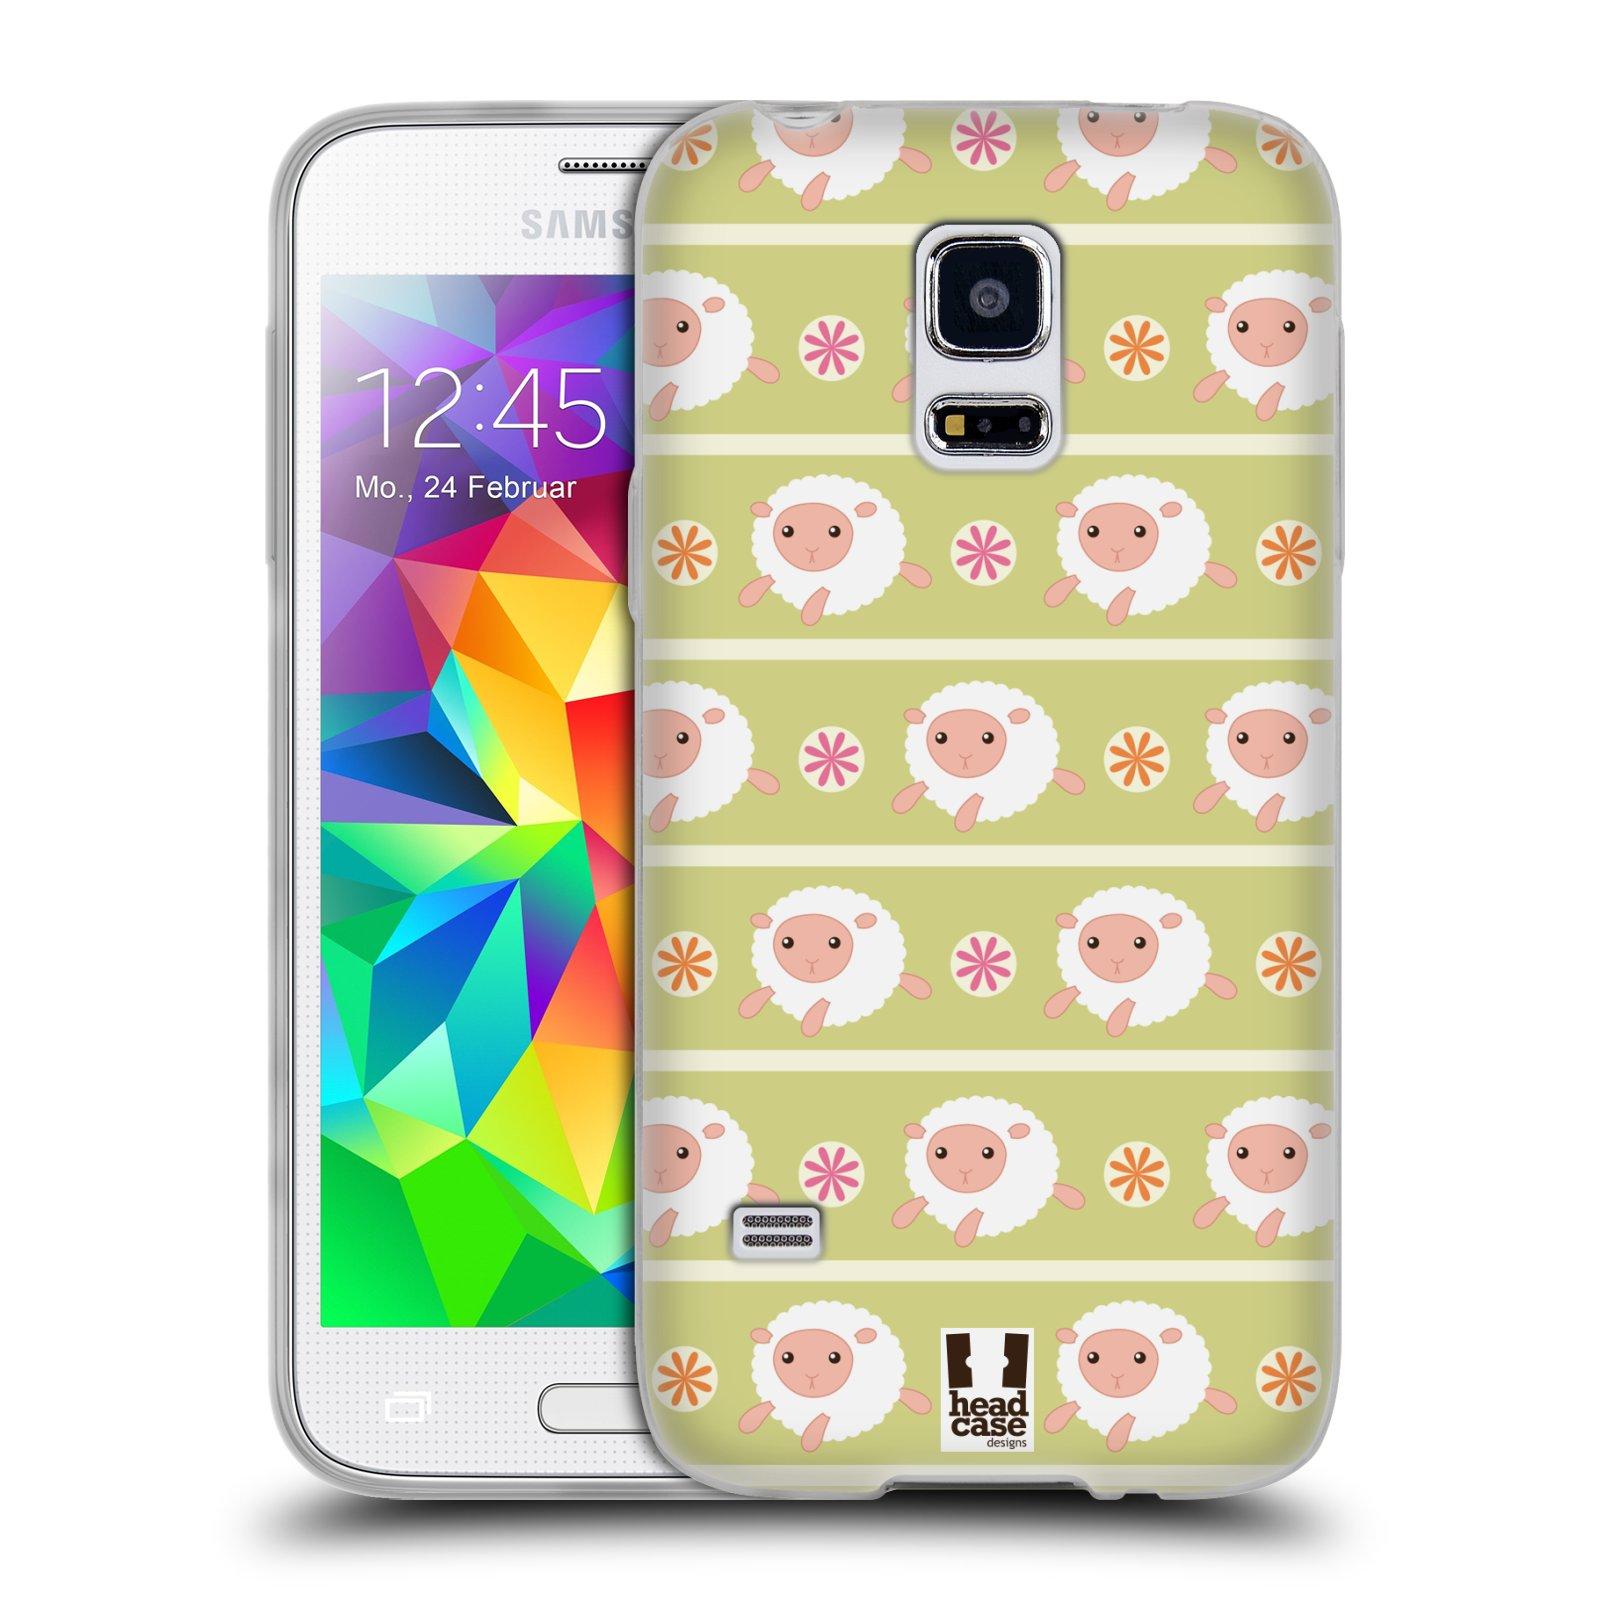 HEAD CASE silikonový obal na mobil Samsung Galaxy S5 MINI vzor roztomilé zvířecí vzory ovečky